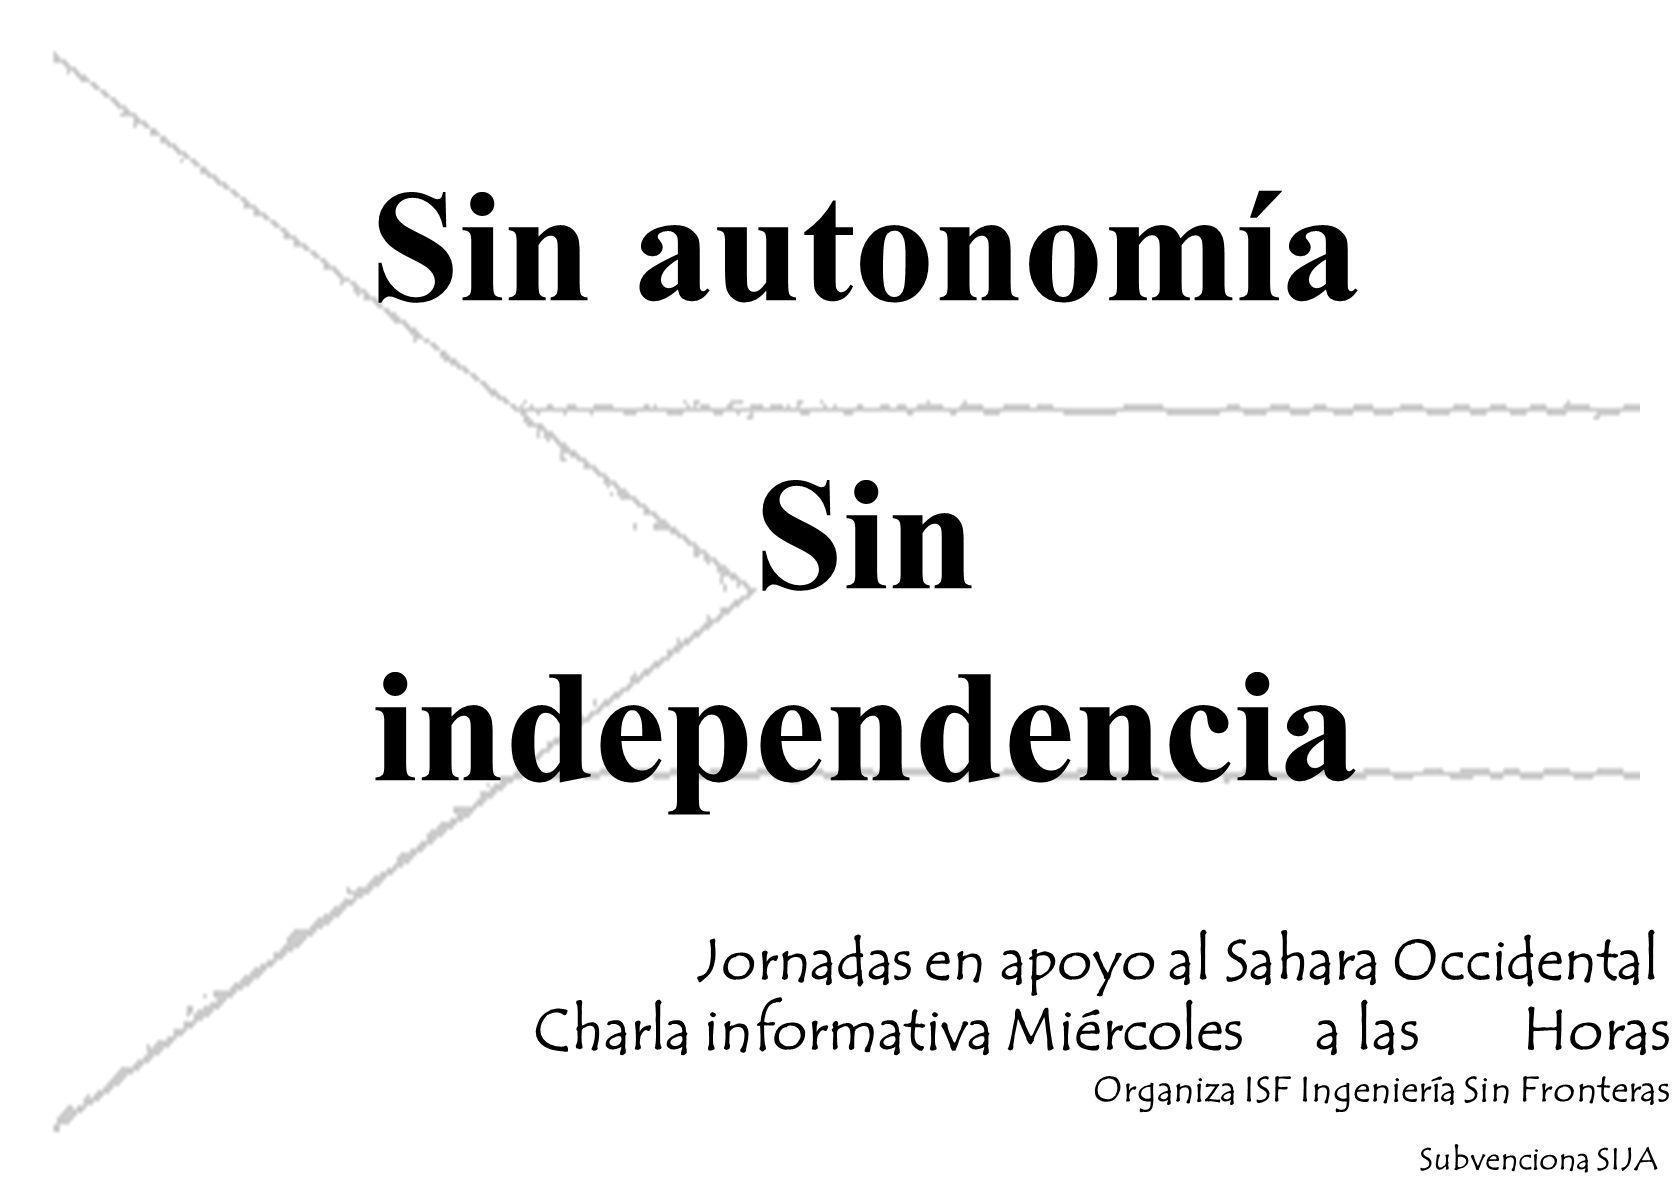 Sin autonomía Sin independencia Jornadas en apoyo al Sahara Occidental Charla informativa Miércoles a las Horas Organiza ISF Ingeniería Sin Fronteras Subvenciona SIJA